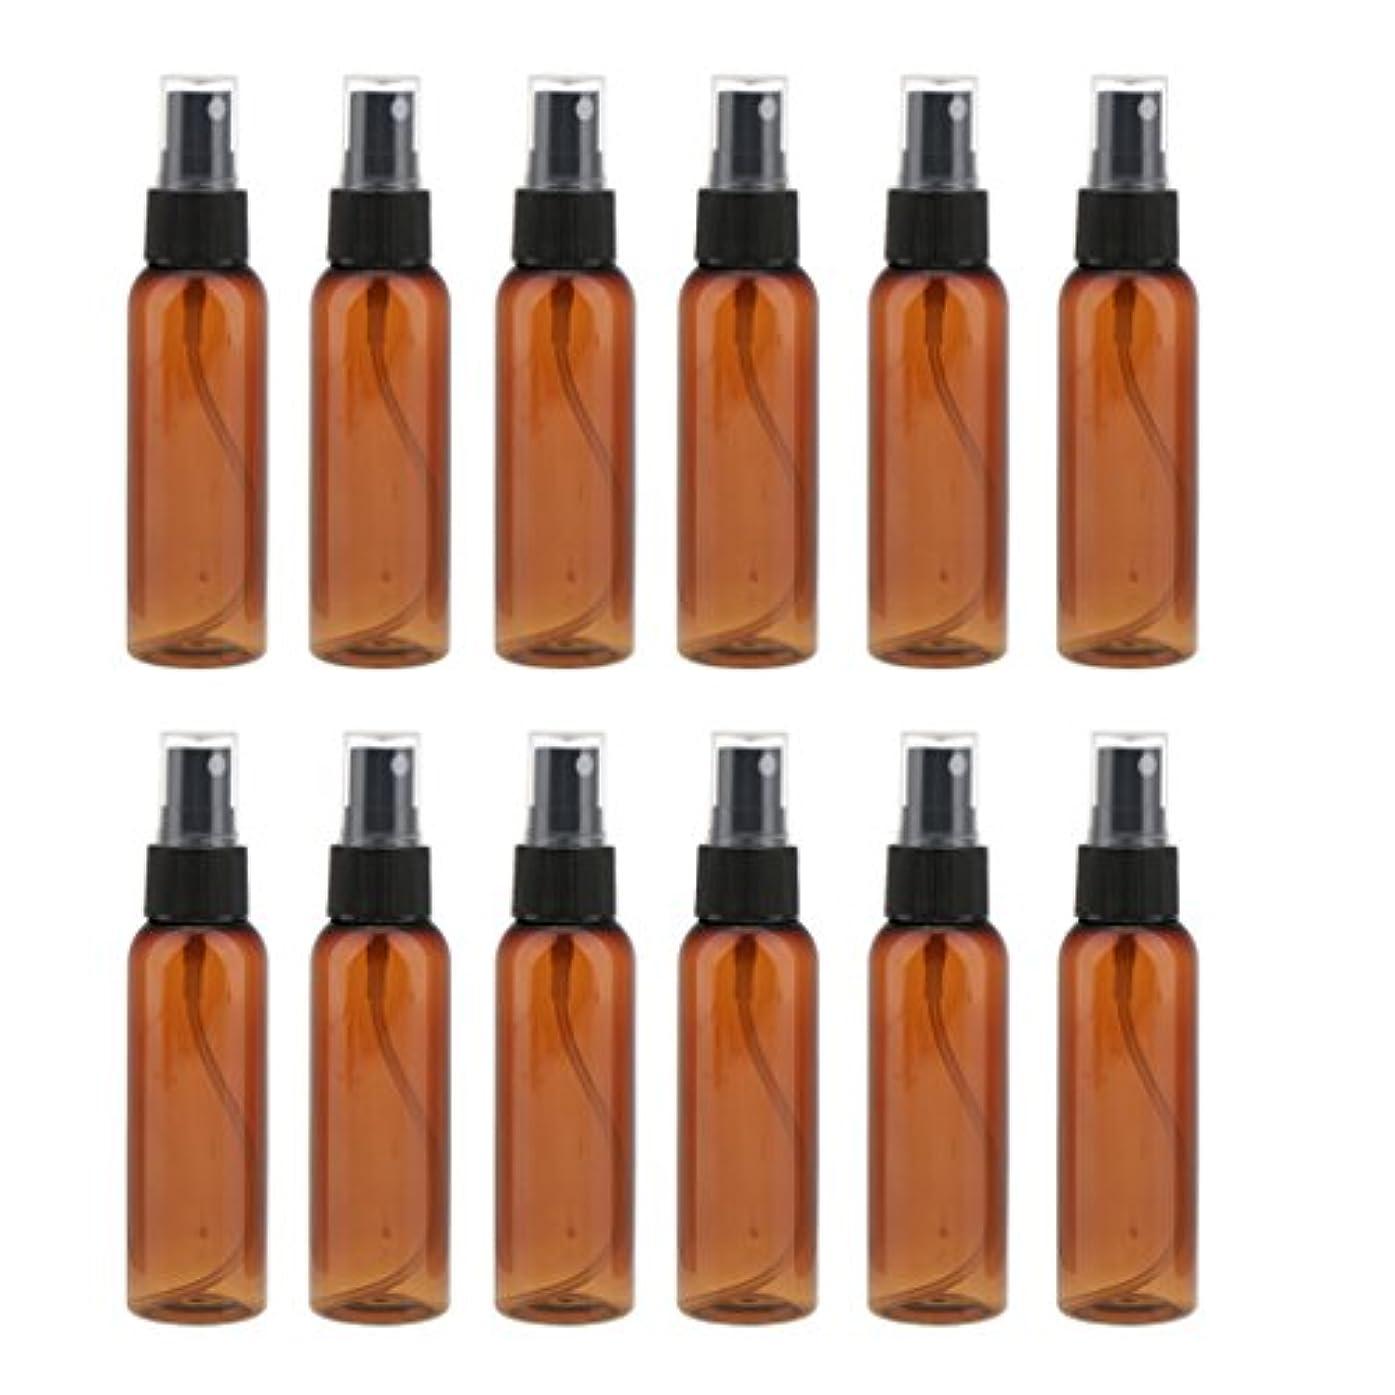 メインジャンプためらうSONONIA 詰め替え 化粧品容器 コンセプト 空のスプレーボトル 旅行 漏れ防止 60ml 12本 全3色 - ブラック